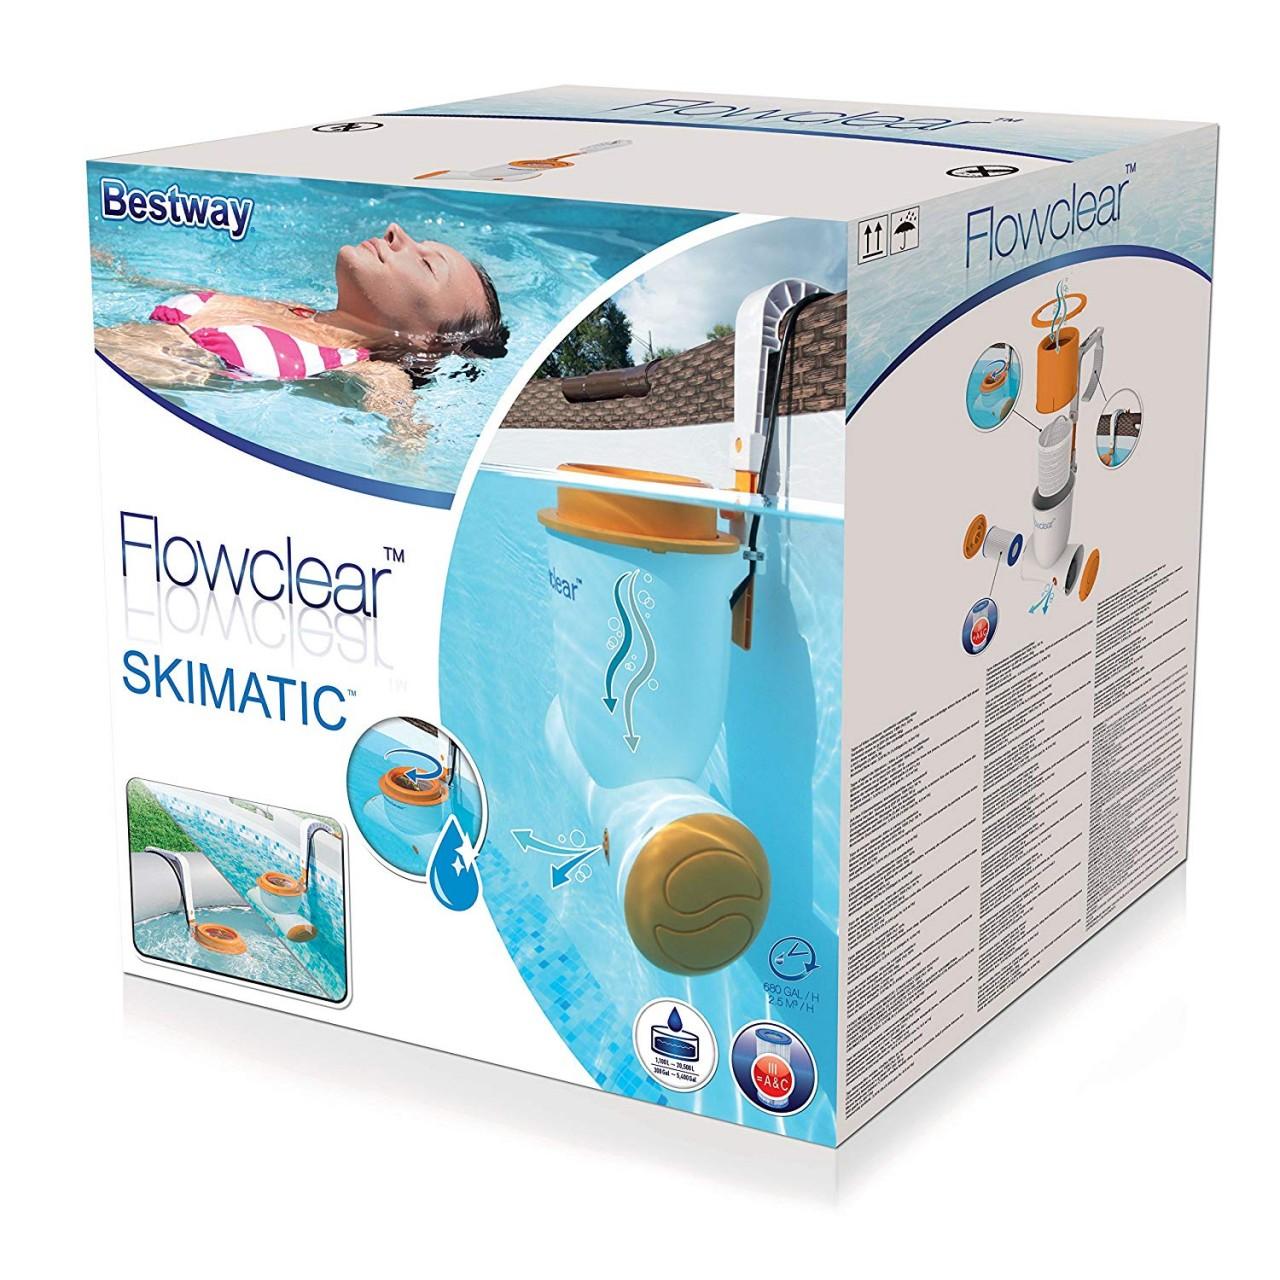 Bestway 58462 Skimmer Skimatic Einhängefilterpumpe Pumpe Flowclear 2.574l/h